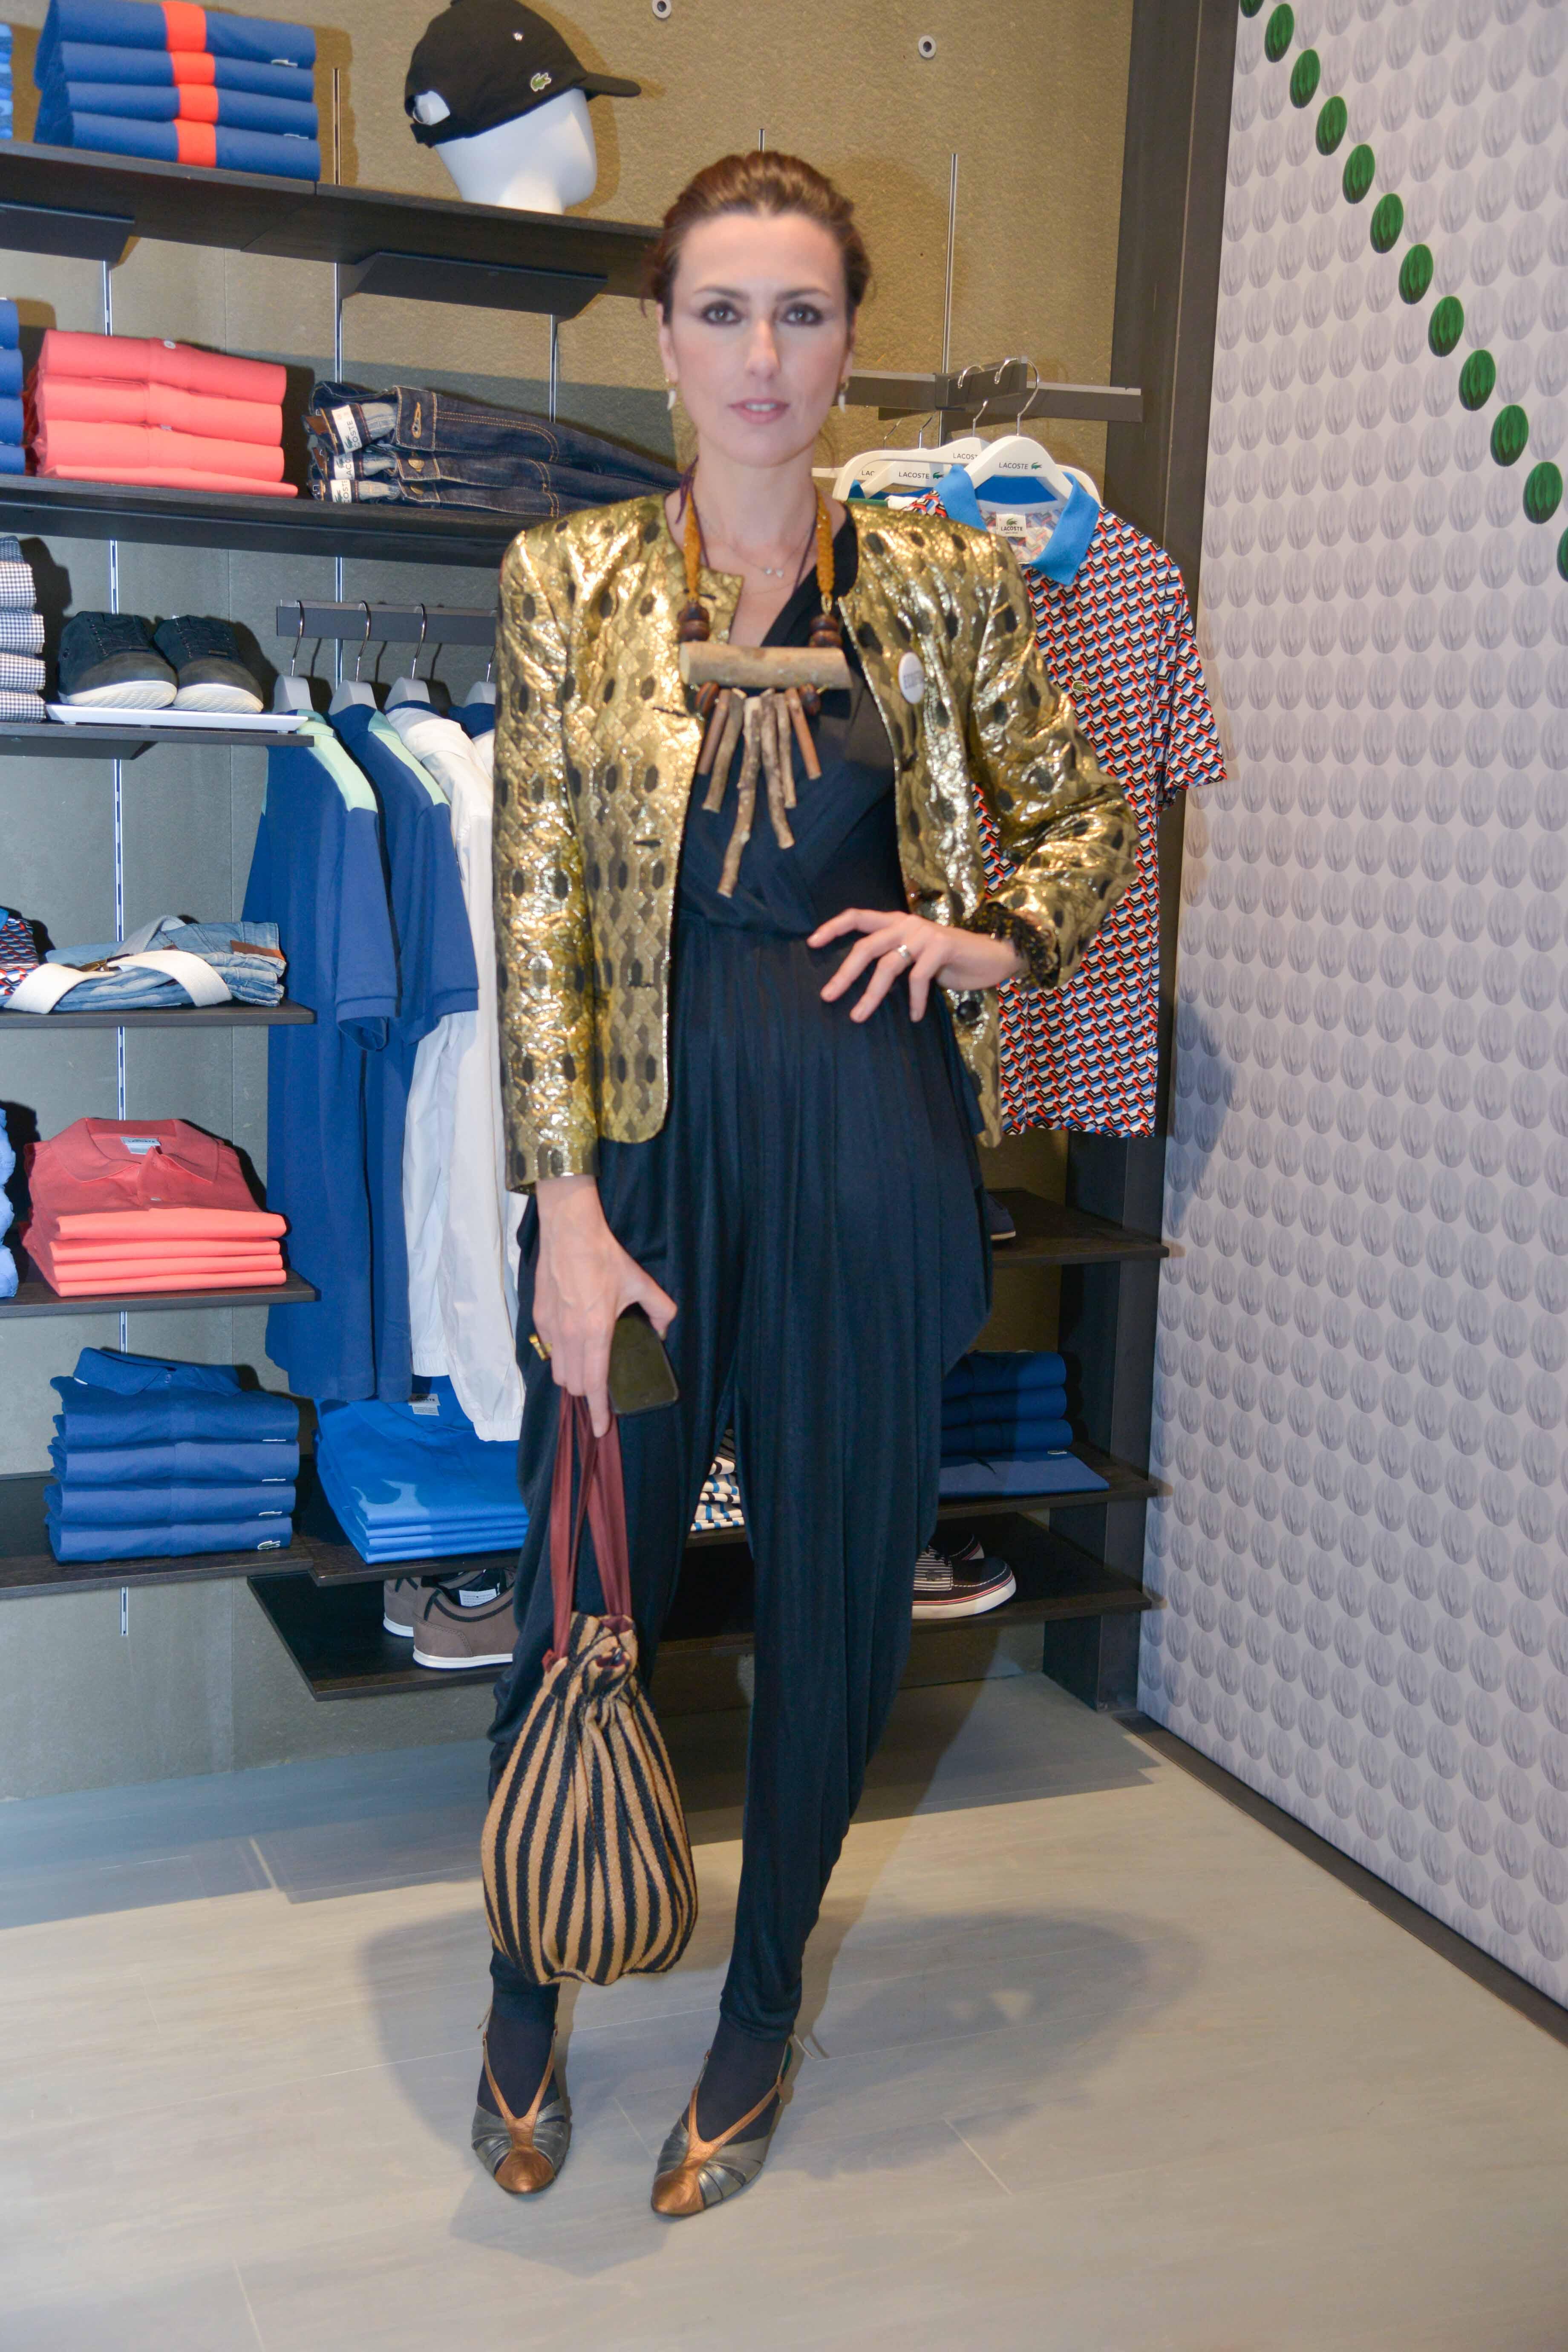 Galeria de Fotos Lacoste inaugura primeira loja-conceito no Brasil  veja  quem passou pela abertura    Foto 4    Lifestyle    FFW 226c933399